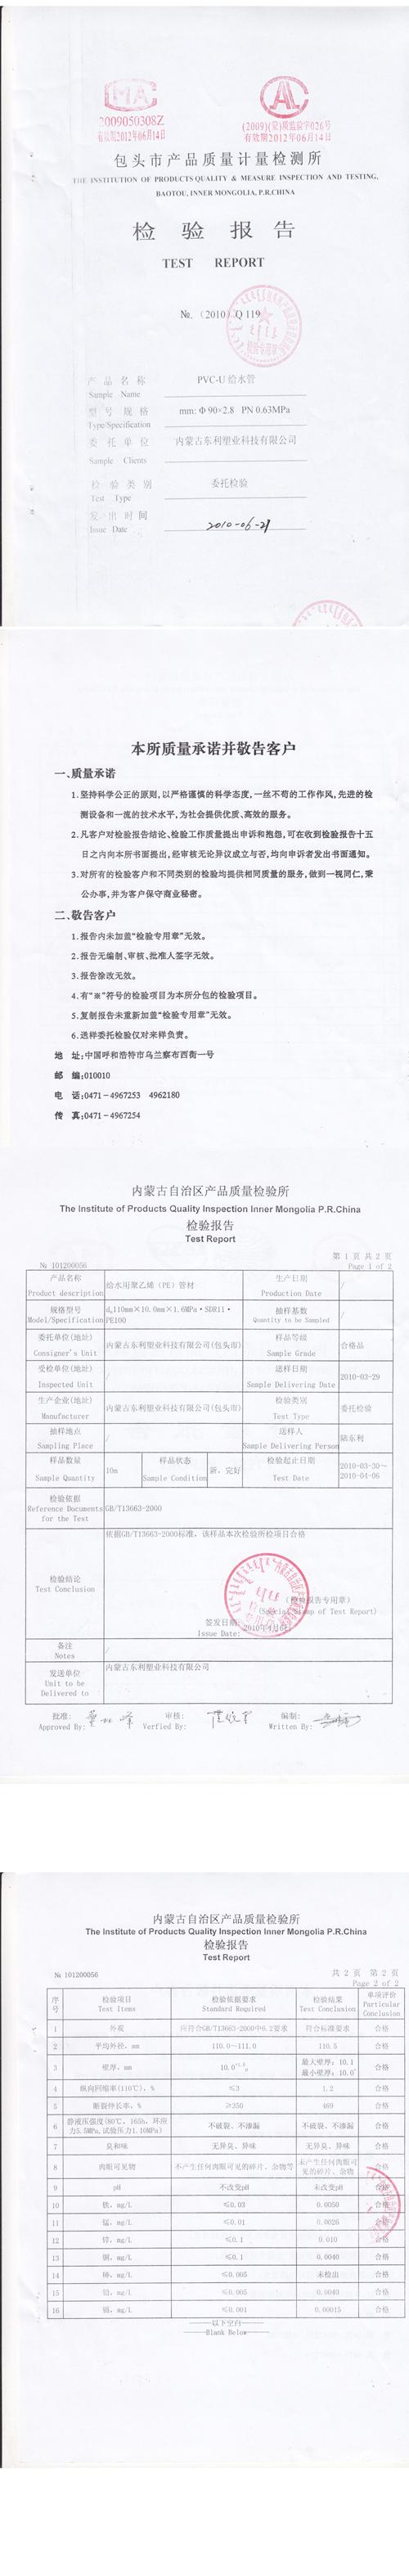 给水用聚乙稀(PE)管材检验报告002.jpg